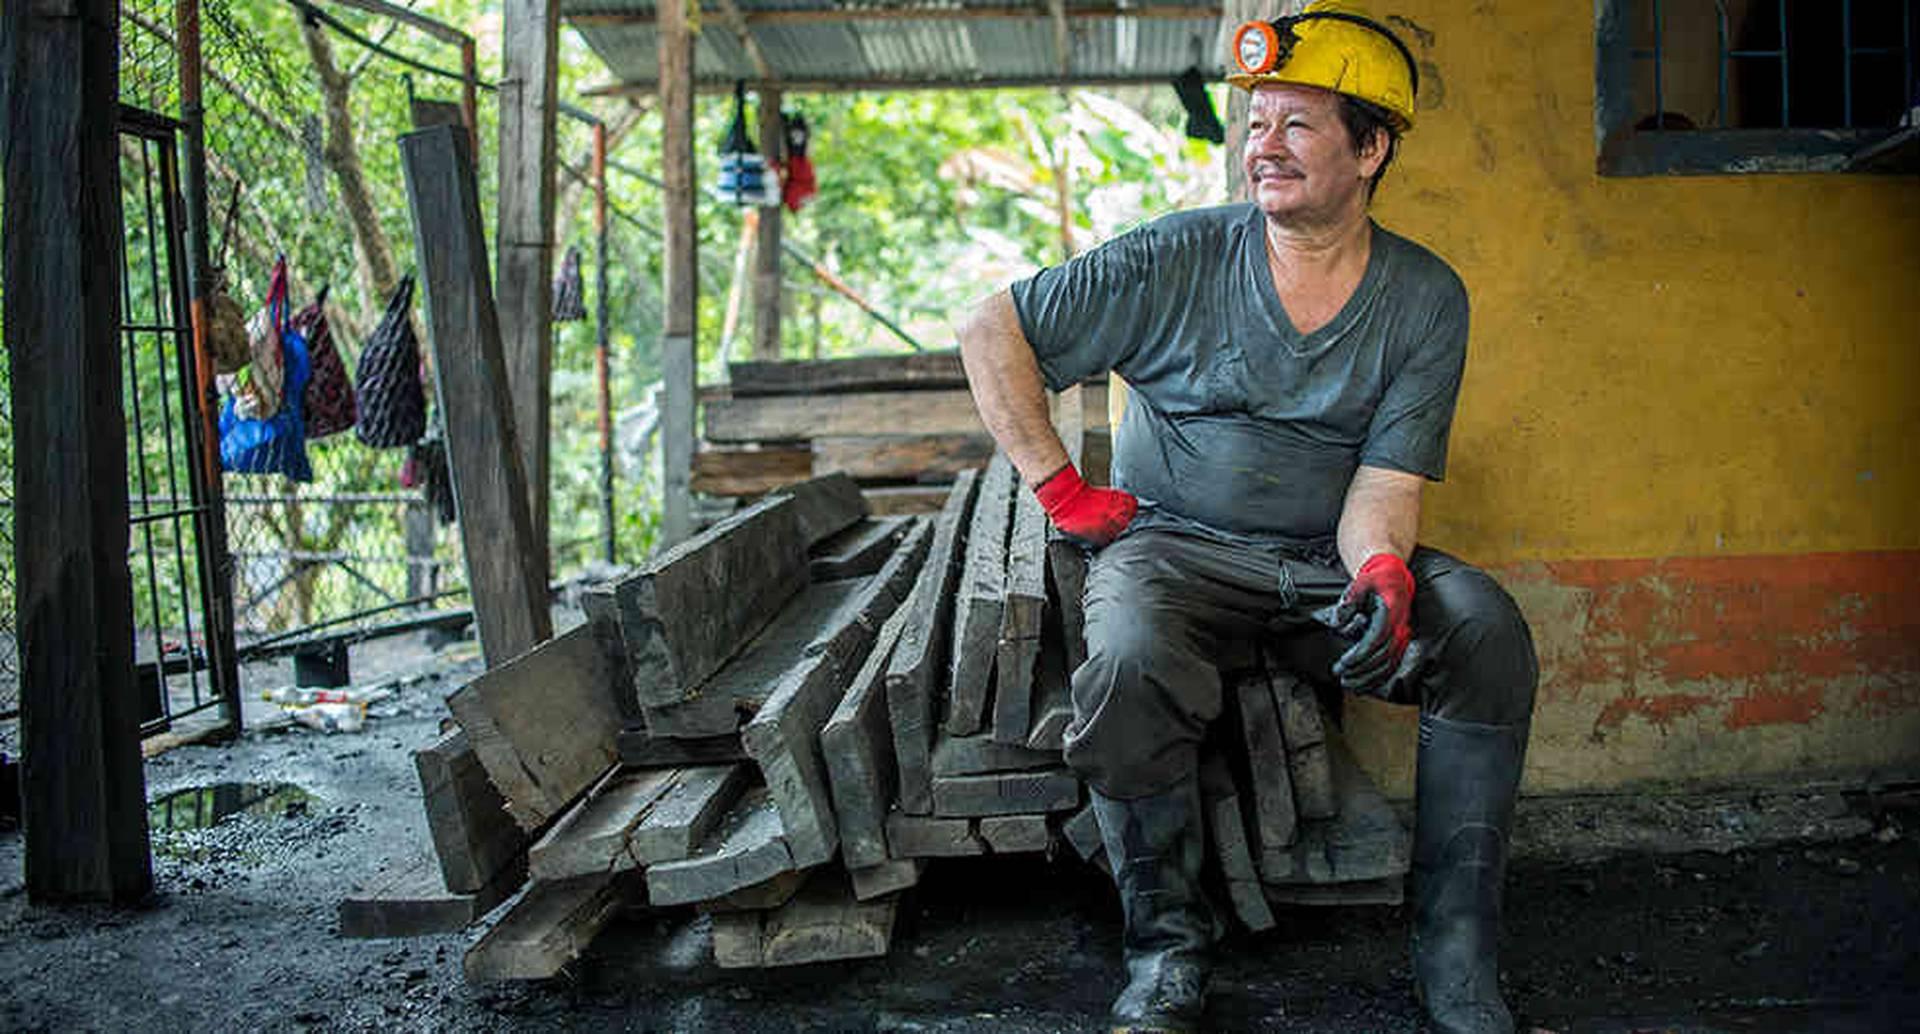 La voluntad de la comunidad hizo que la percepción de este sector minero comprometido se este transformando.